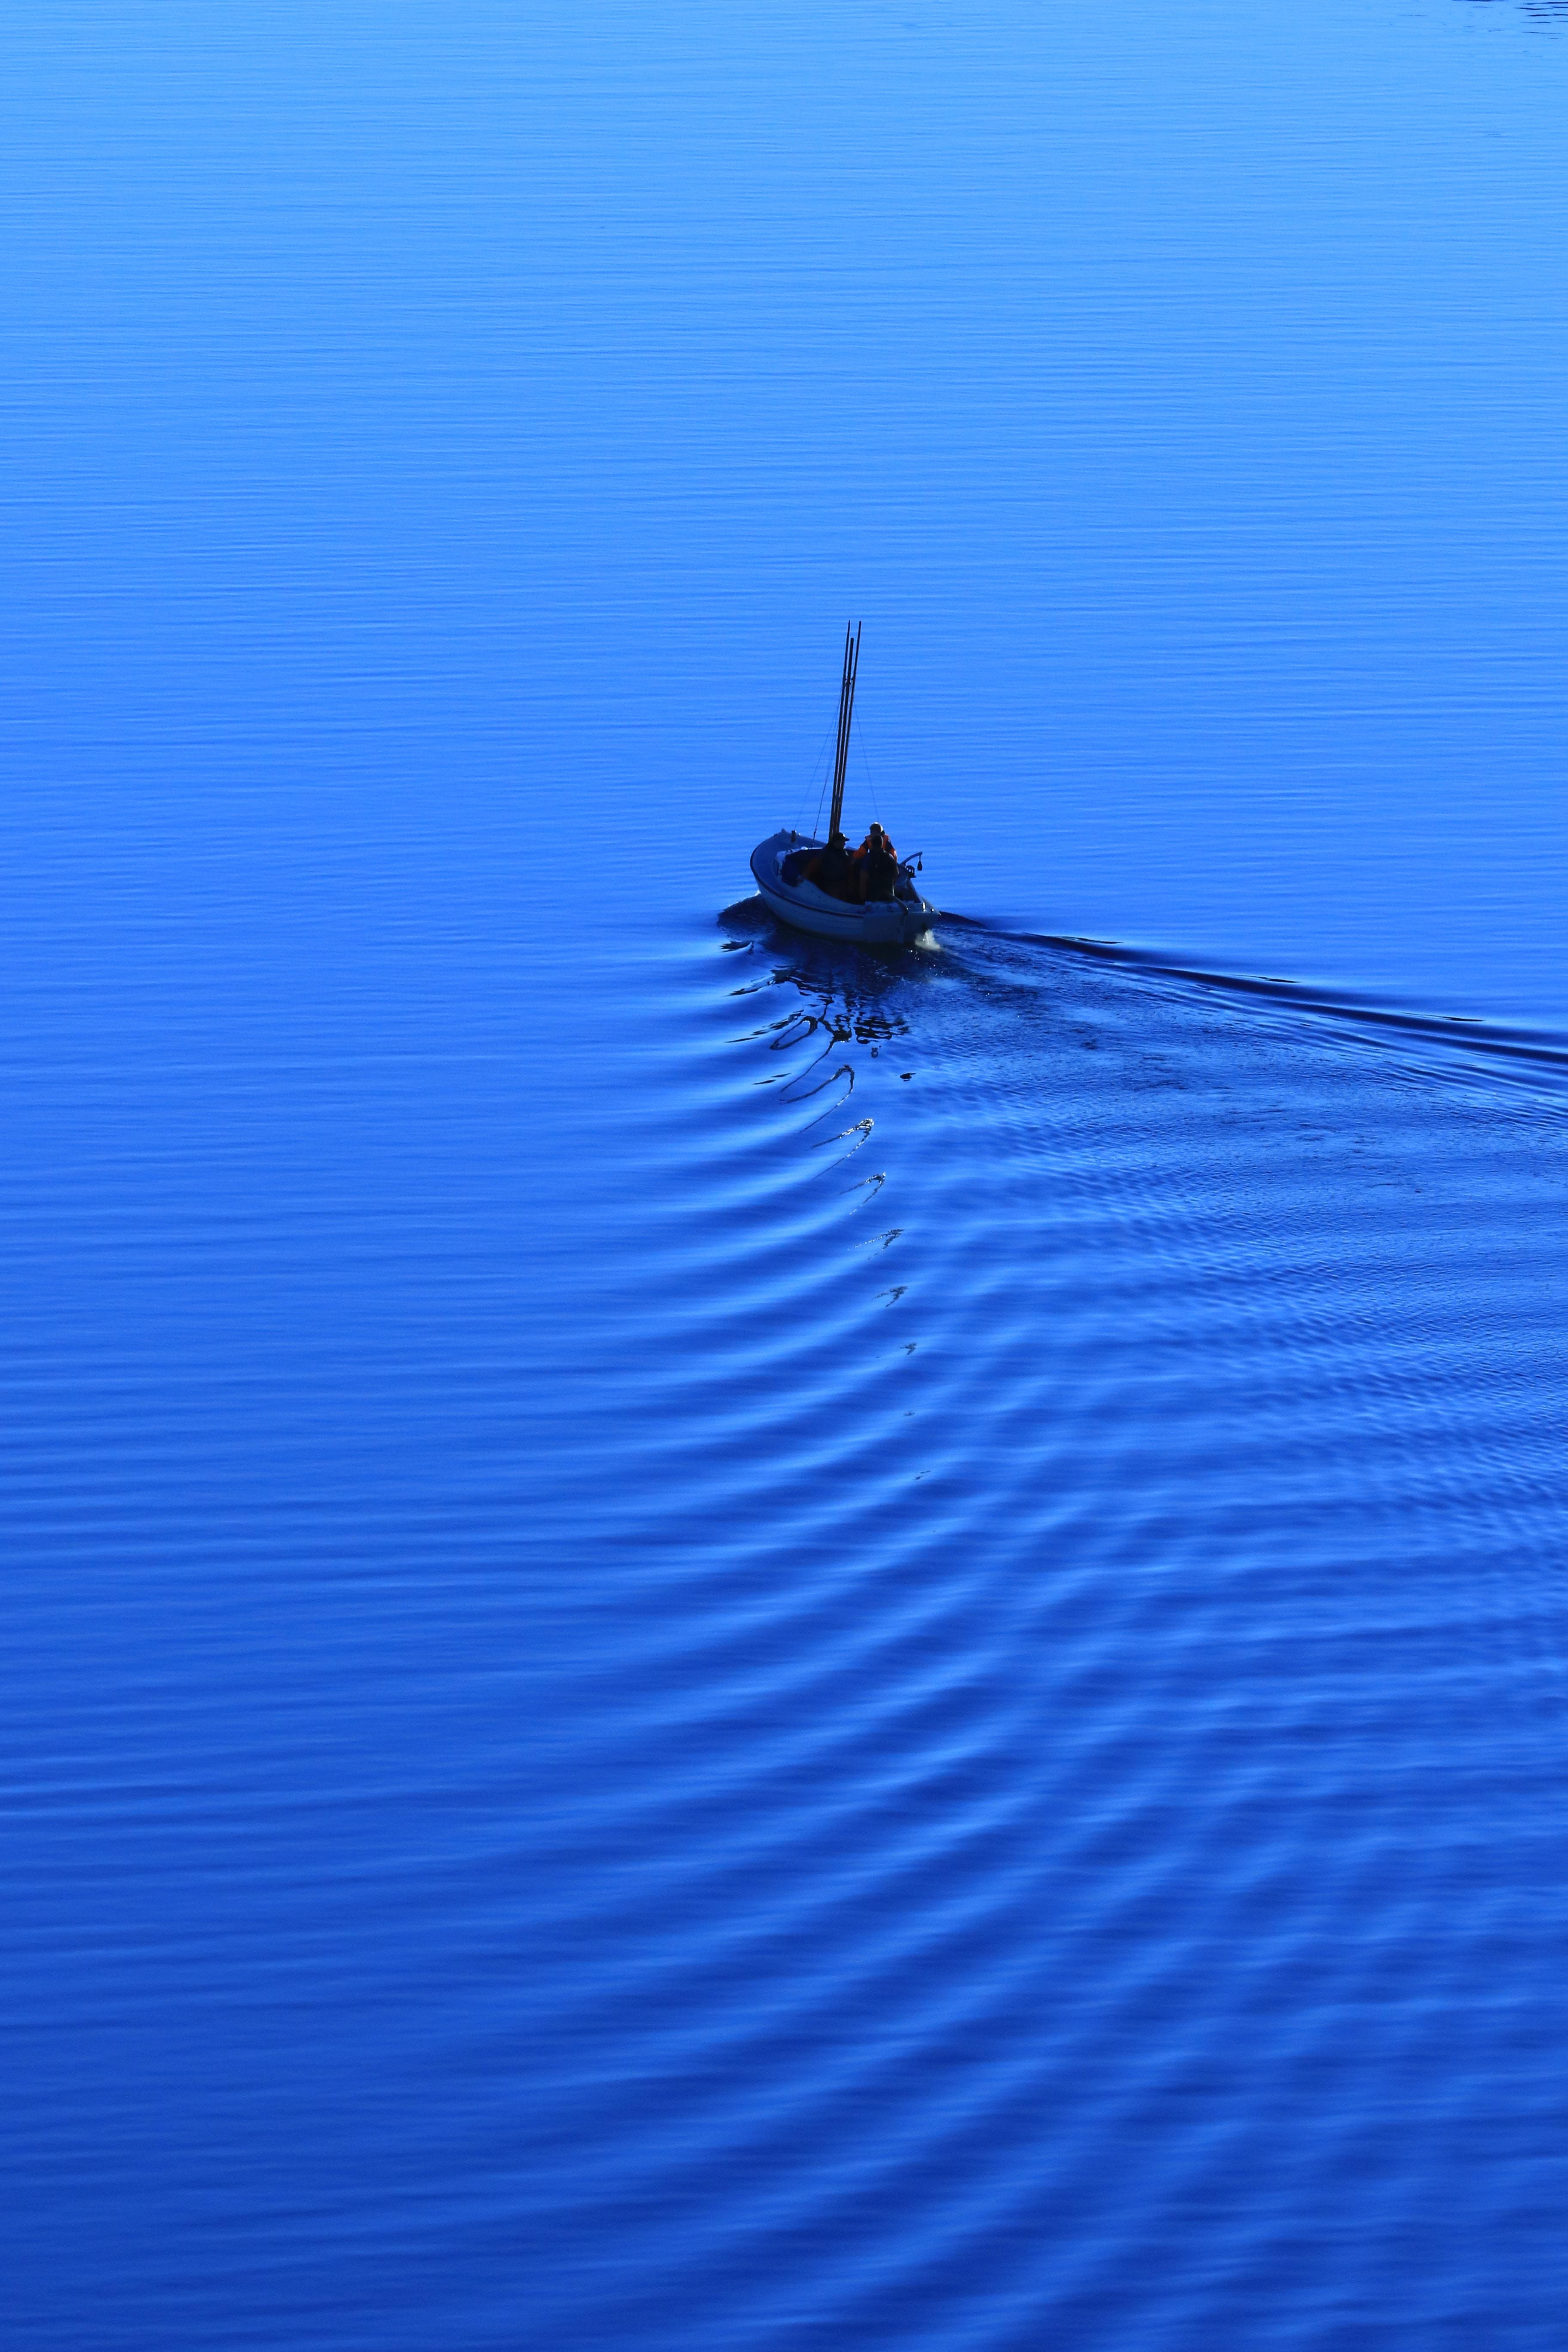 83747 скачать обои Синий, Природа, Море, Лодка, Одинокий - заставки и картинки бесплатно